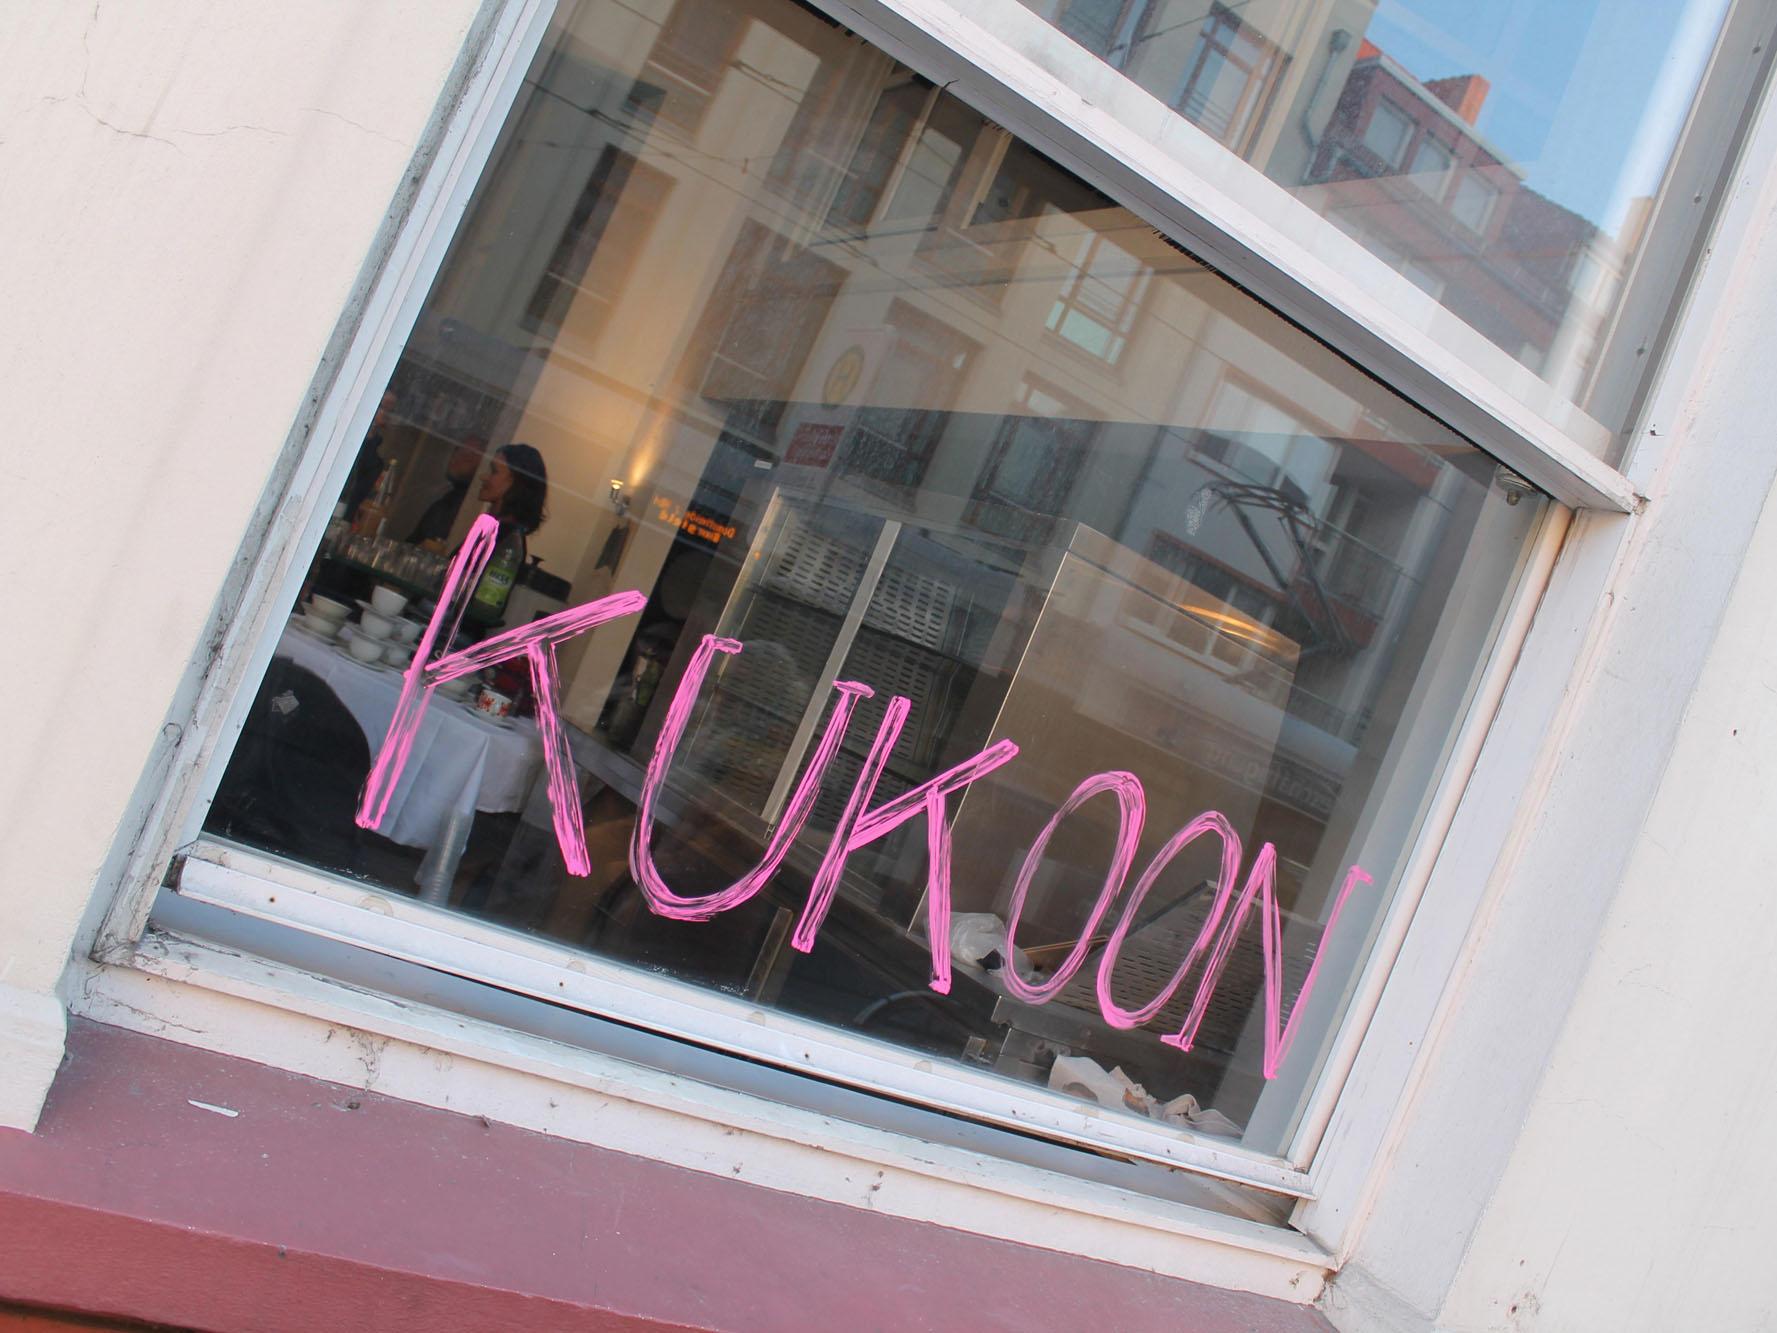 Fenster mit Schrift: Kukoon